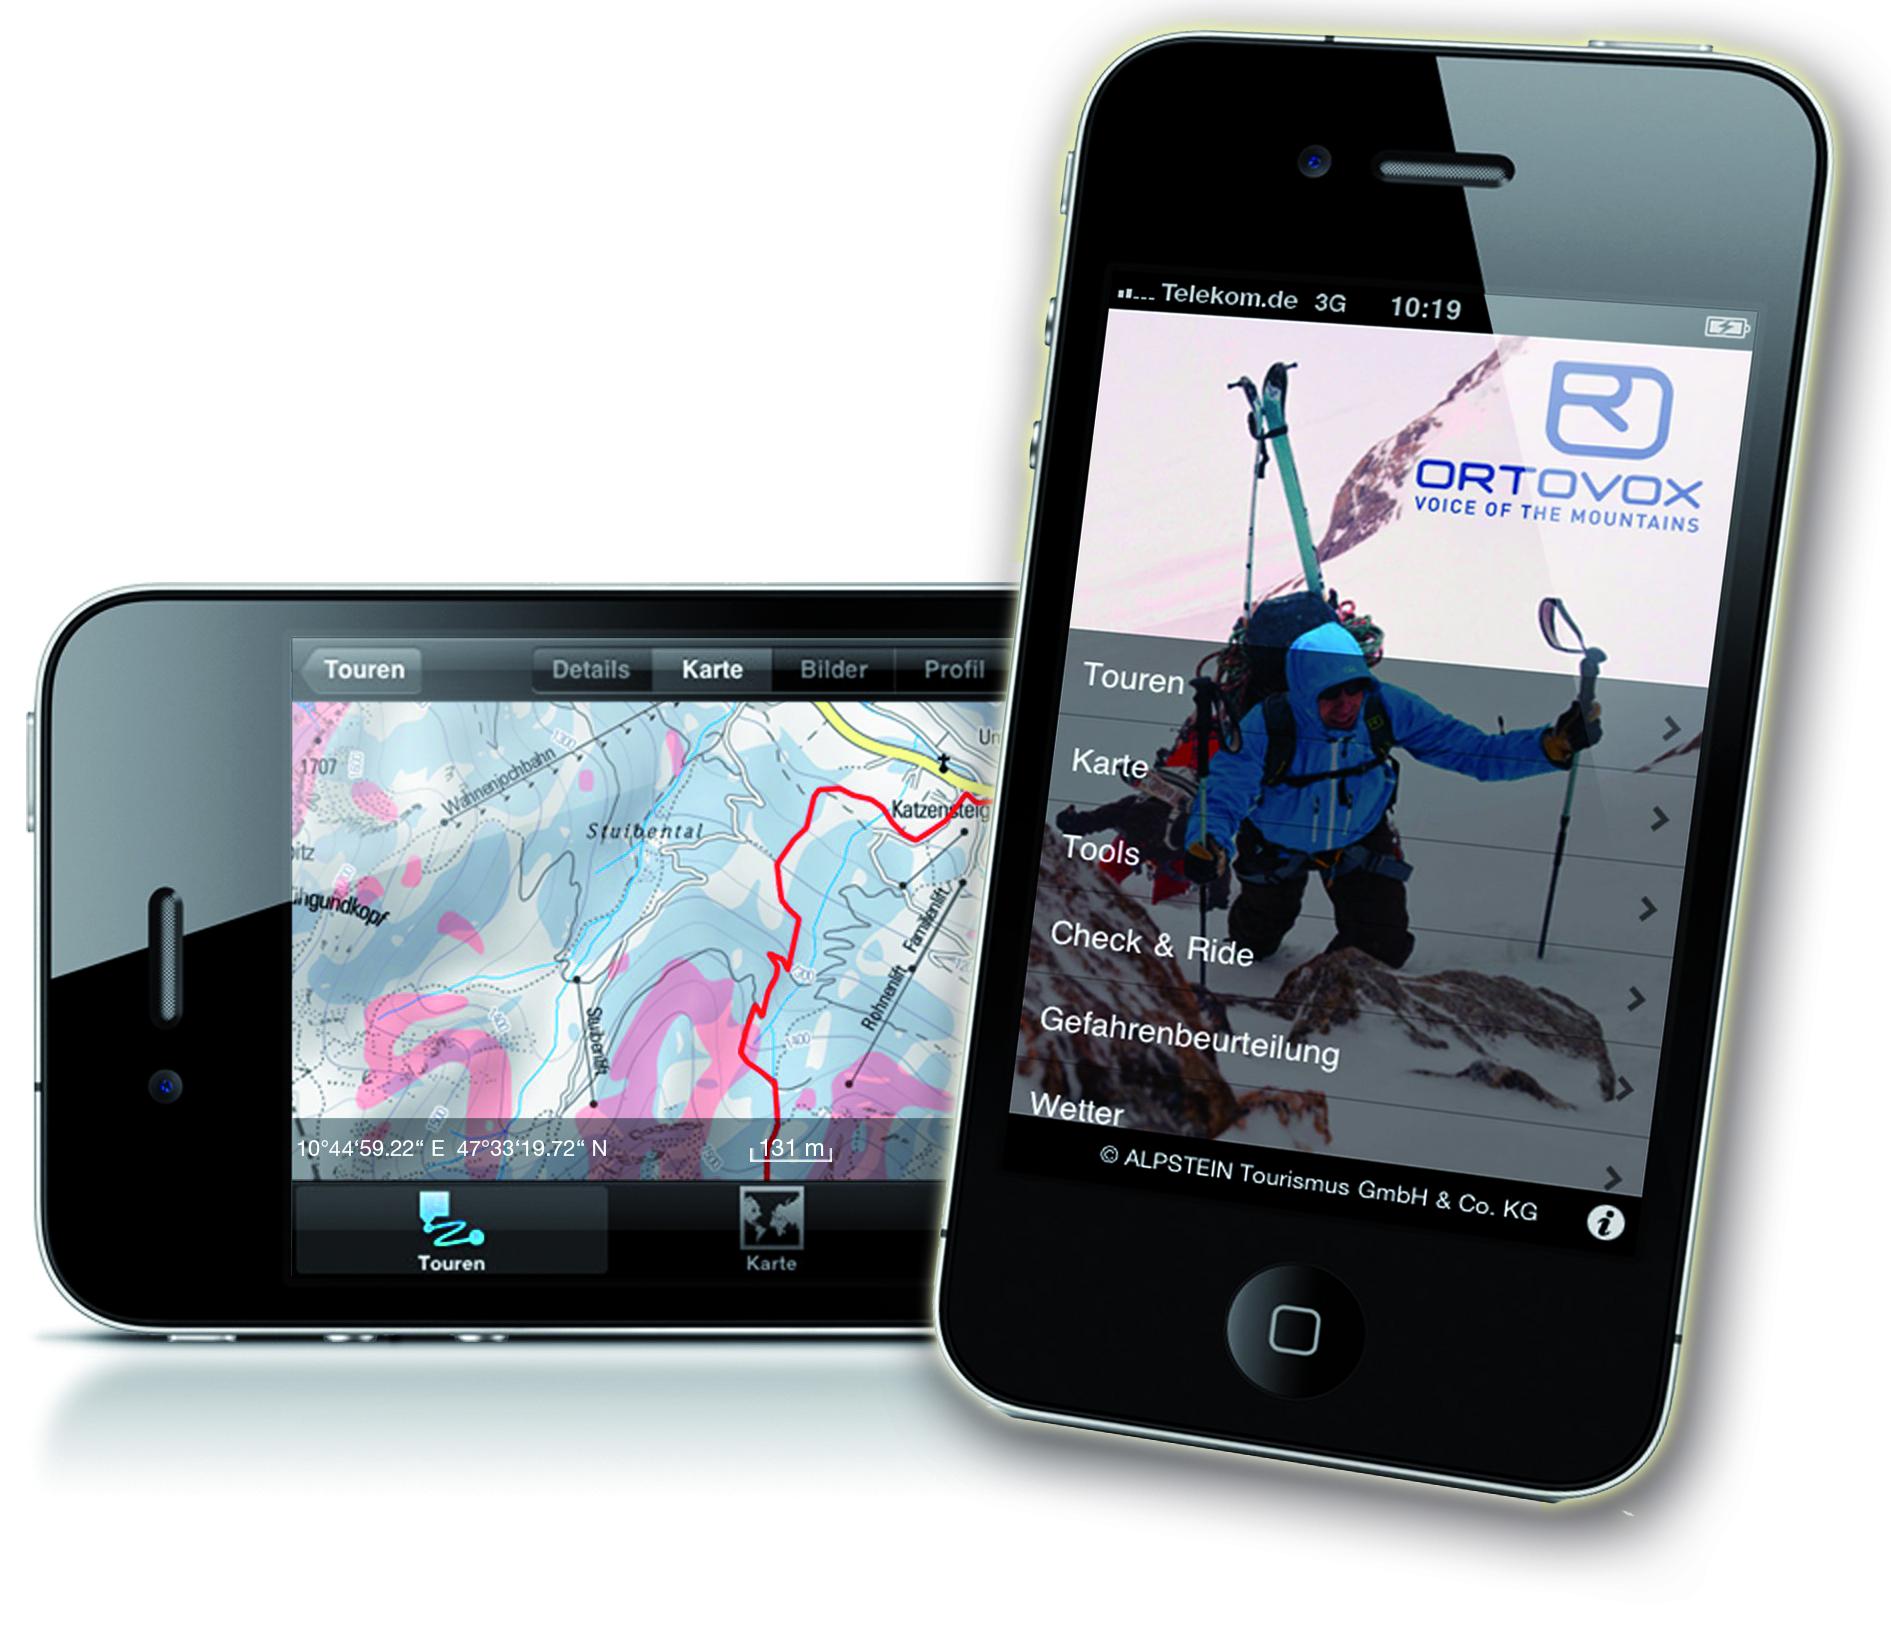 Ortovox kann mehr als tolle Merino Kleidung und Lawinensuchgeräte. Die kostenlose Outdoor App bringt im Sommer und Winter Bergsteiger, Skitourengeher, Trailrunner usw auf die Berge. Foto: (c) ortovox